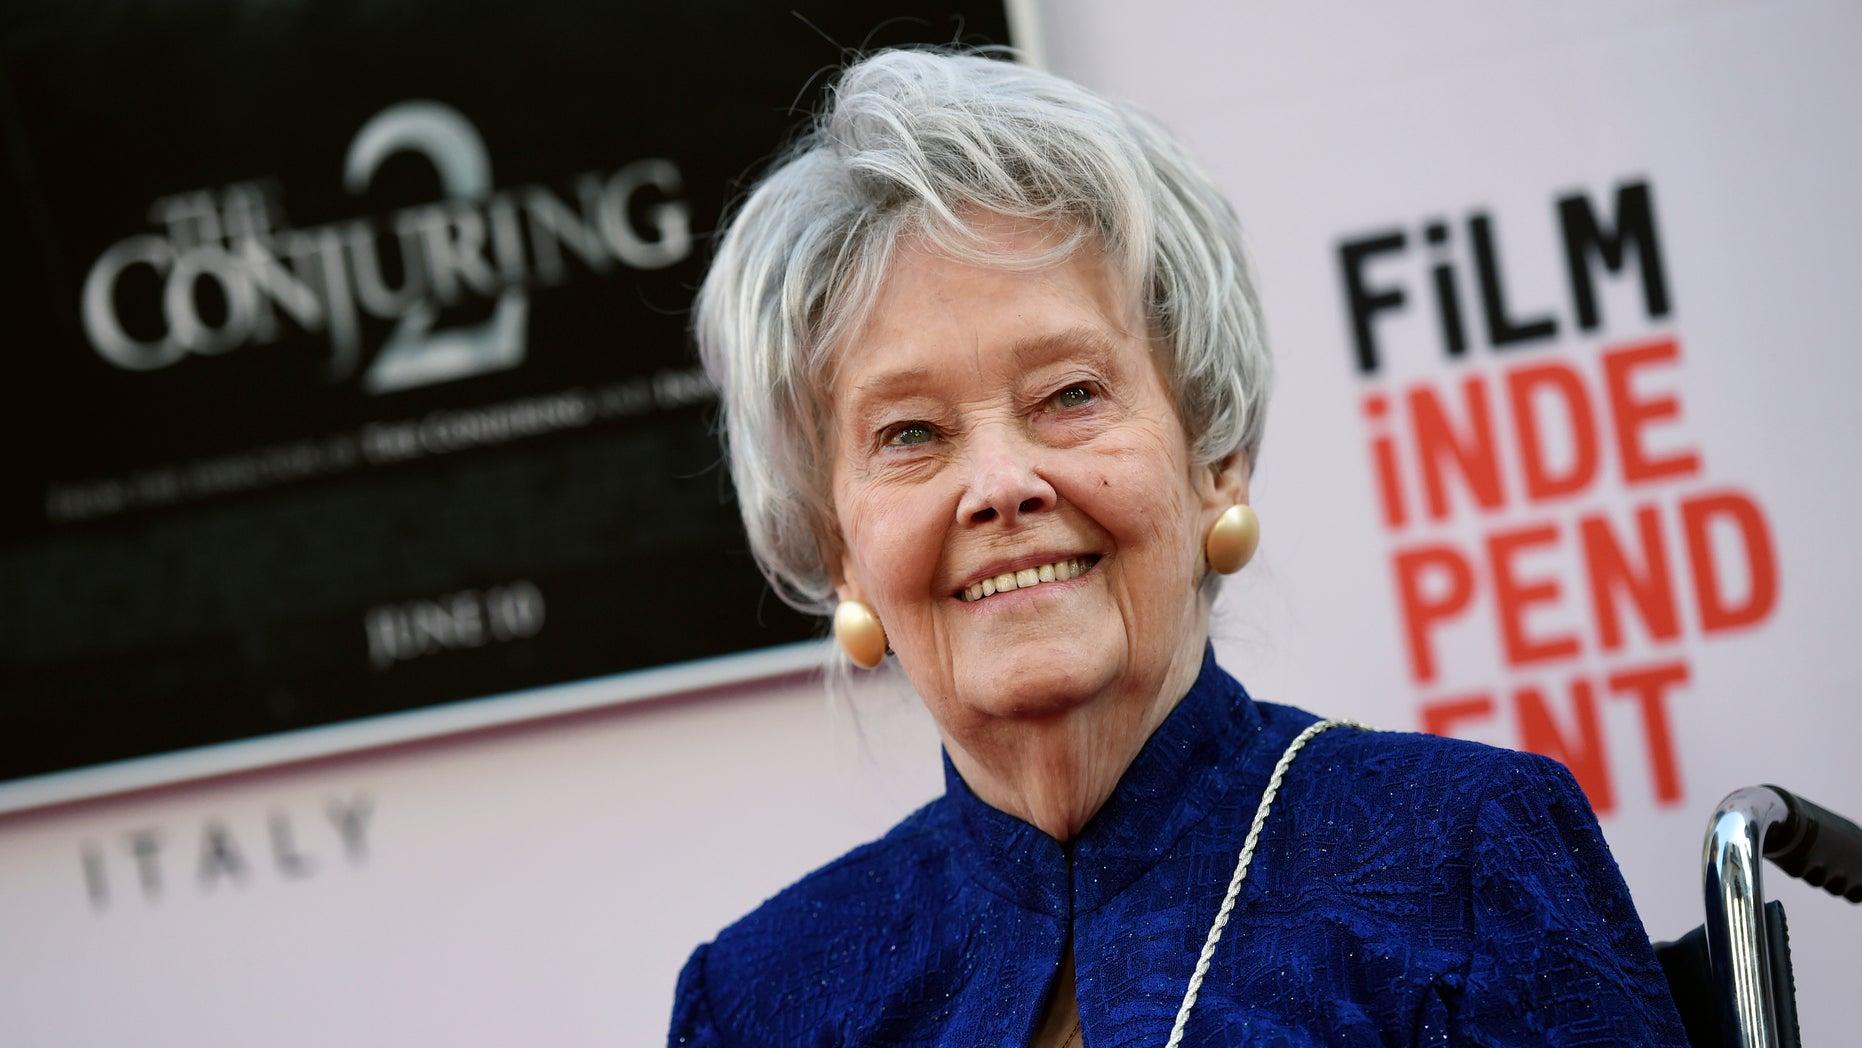 """لورین وارن در این 7 ژوئن سال 2016، عکس فایل، معاون پژوهشی و مشاور فیلم، Lorraine Warren در نمایشگاه فیلم """"The Conjuring 2"""" در جشنواره فیلم لس آنجلس در تئاتر چینی TCL در لس آنجلس قرار می گیرد. (اسوشیتد پرس)"""